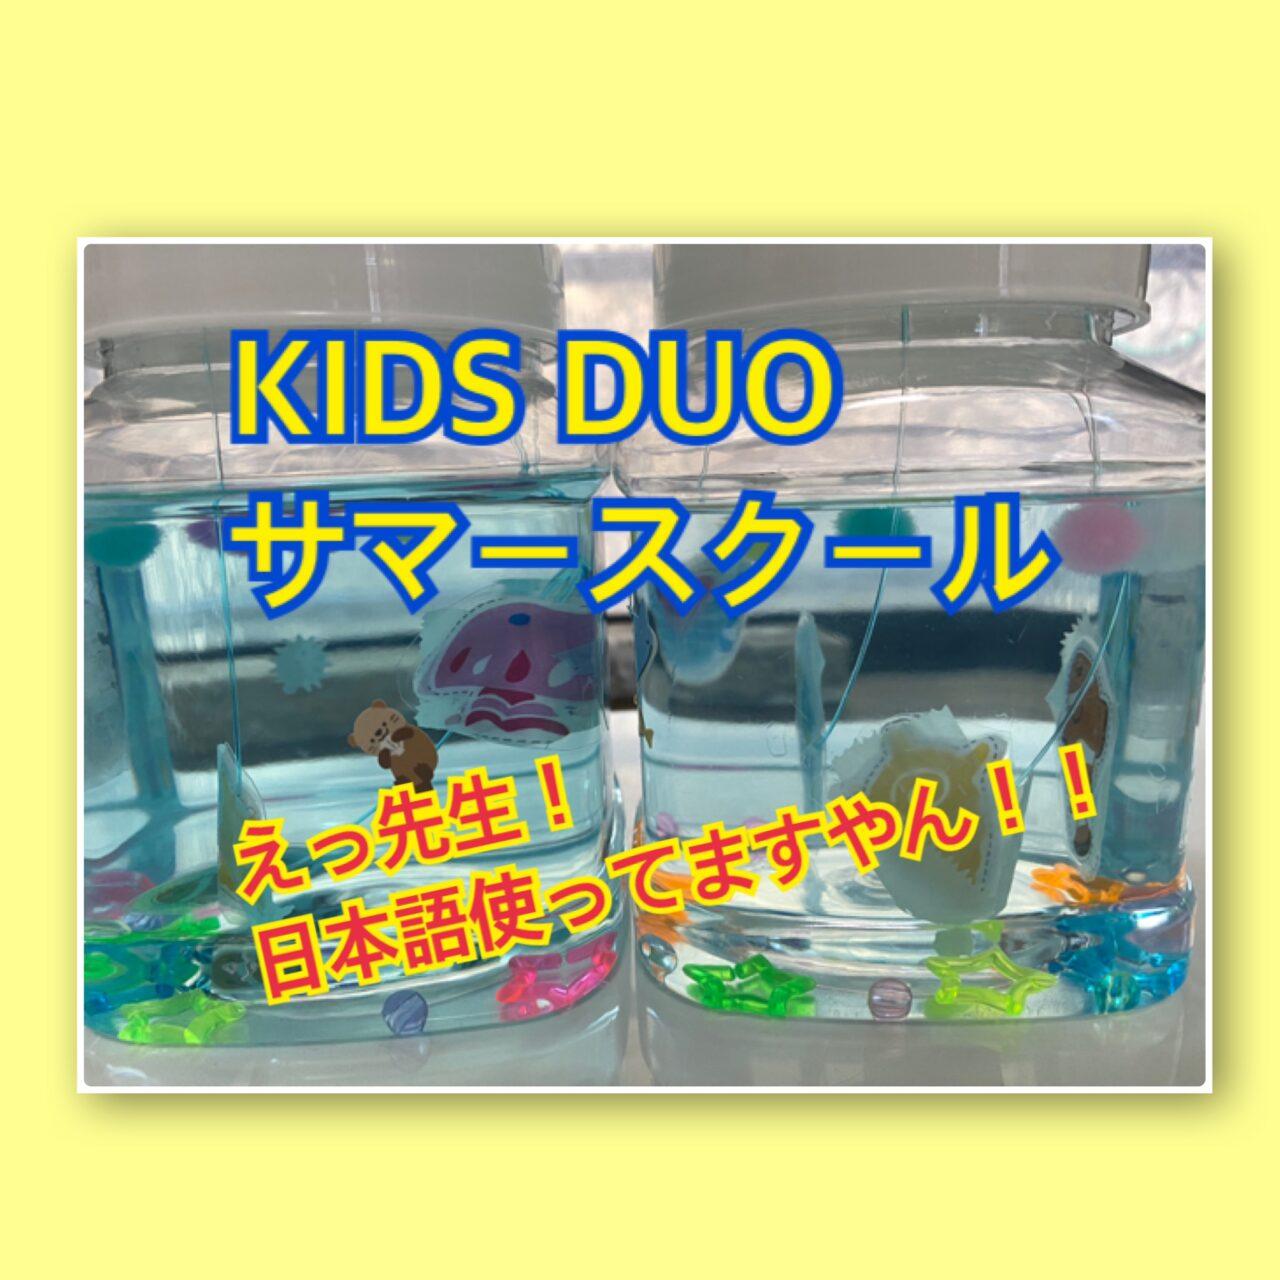 kidsduo-summerschool